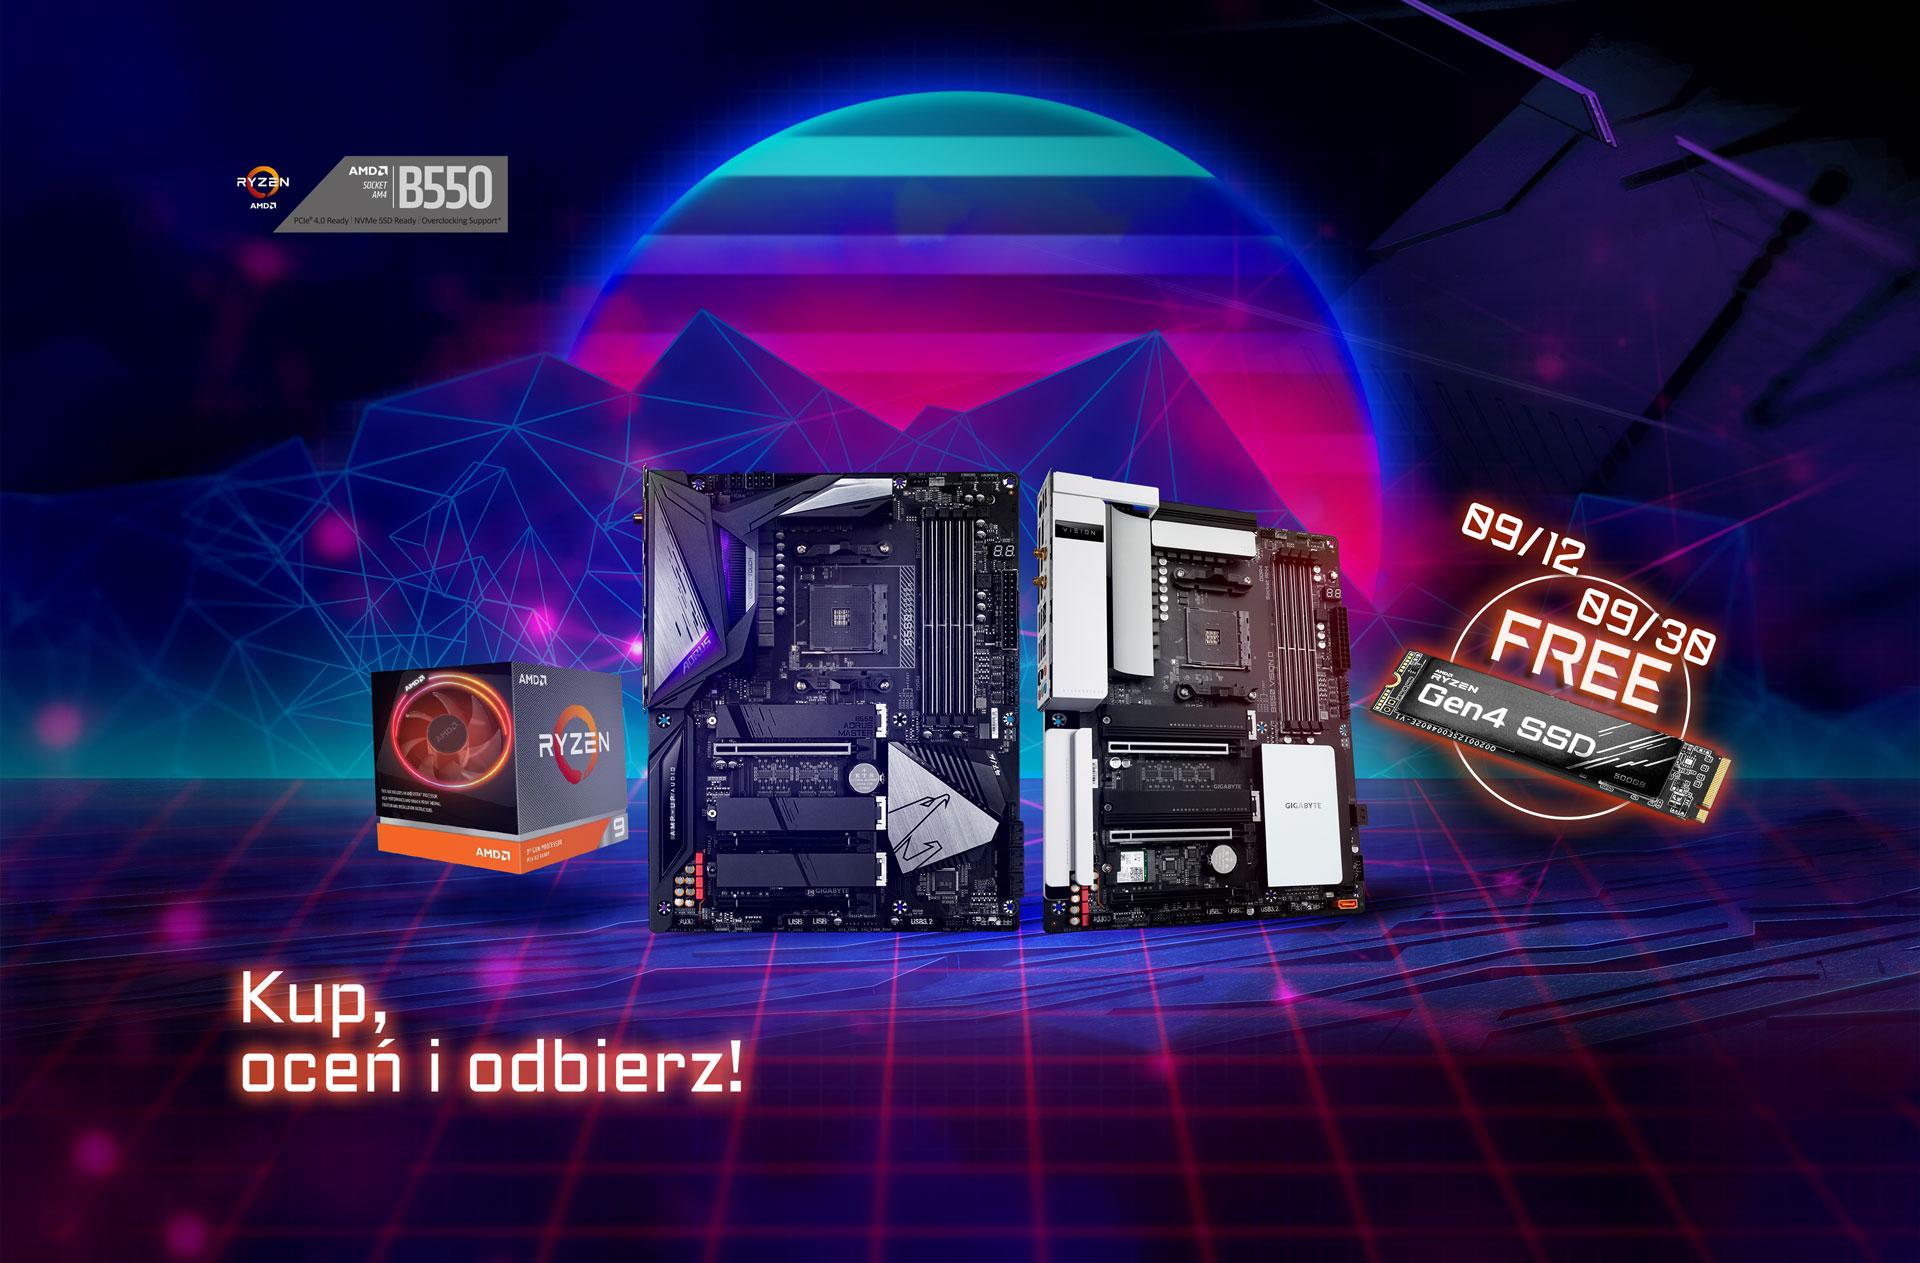 Promocja Gigabyte za recenzję płyty B550 zakupionej wraz z procesorem AMD w wybranych sklepach (w prezencie dysk SSD Gen 4 - 500 GB)